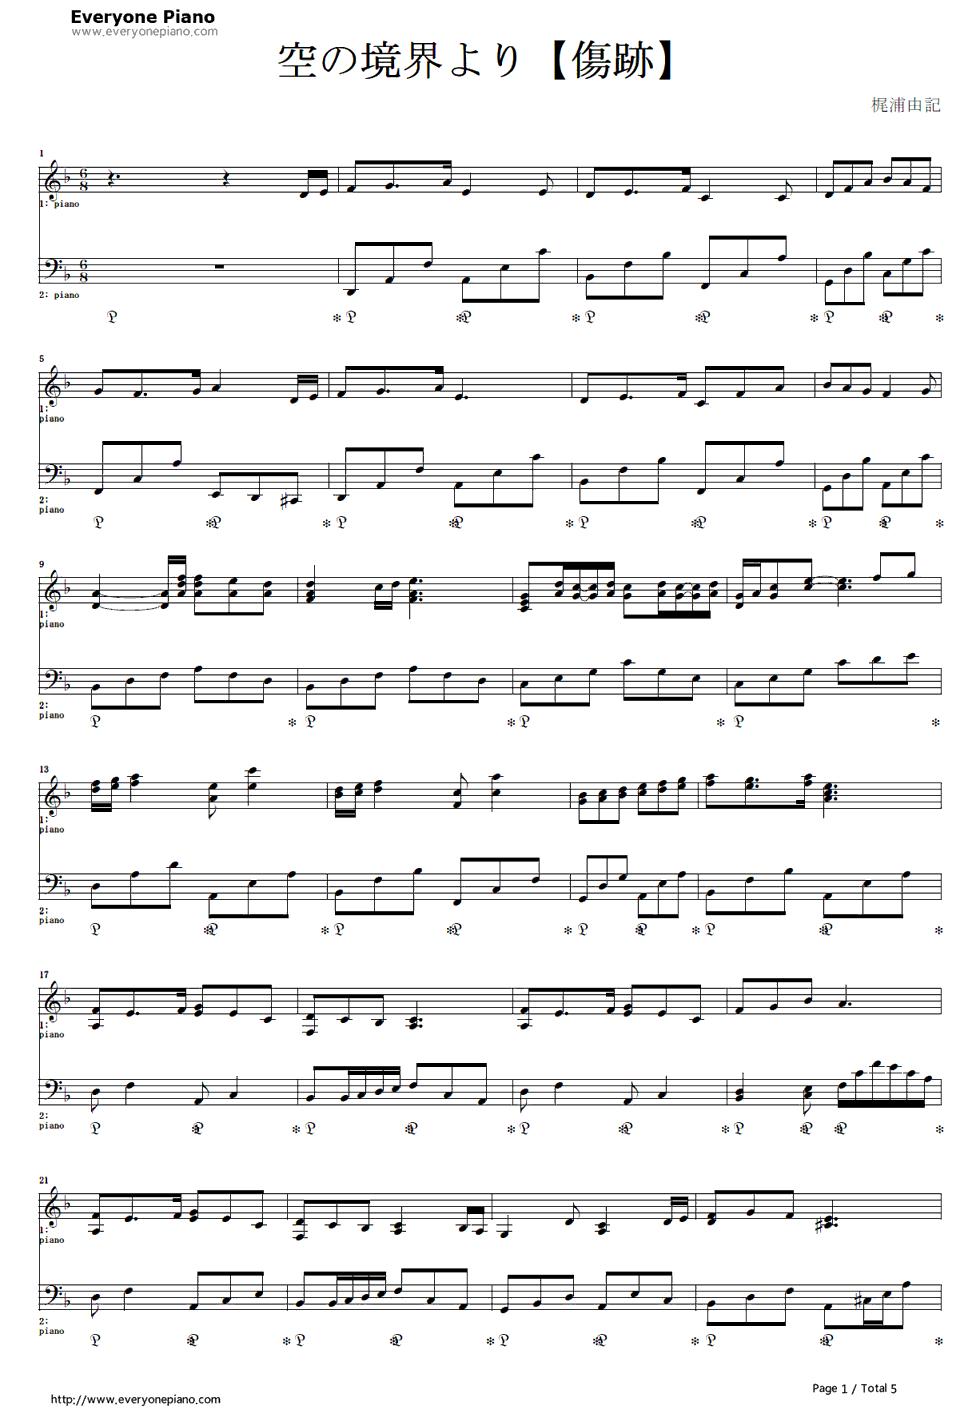 傷跡-空の境界ED3五線譜プレビュー-EOPオンライン楽譜棚